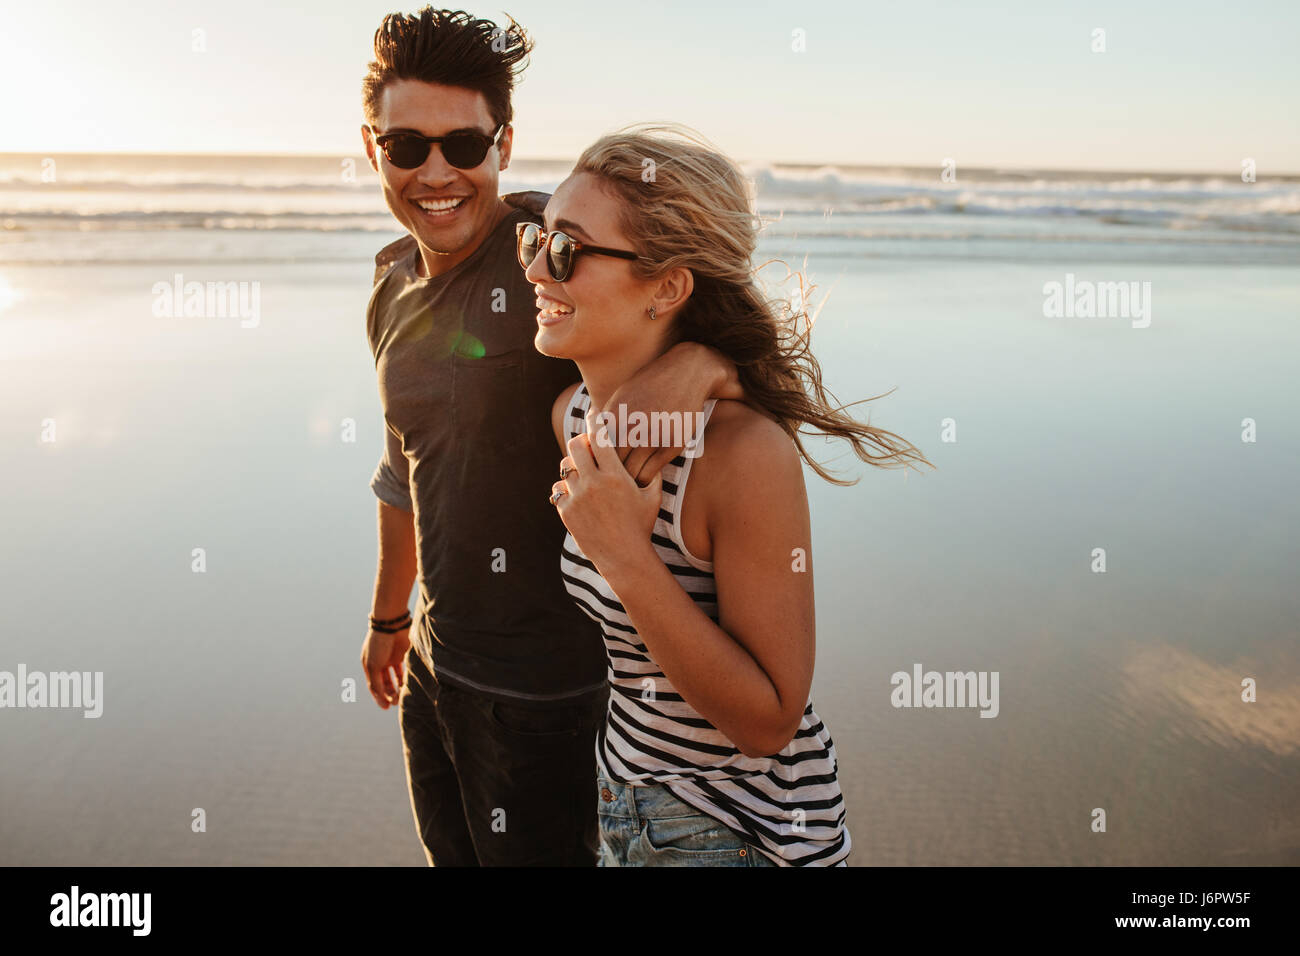 Retrato de la romántica pareja joven caminando por la orilla del mar. El hombre y la mujer en la playa de vacaciones Imagen De Stock